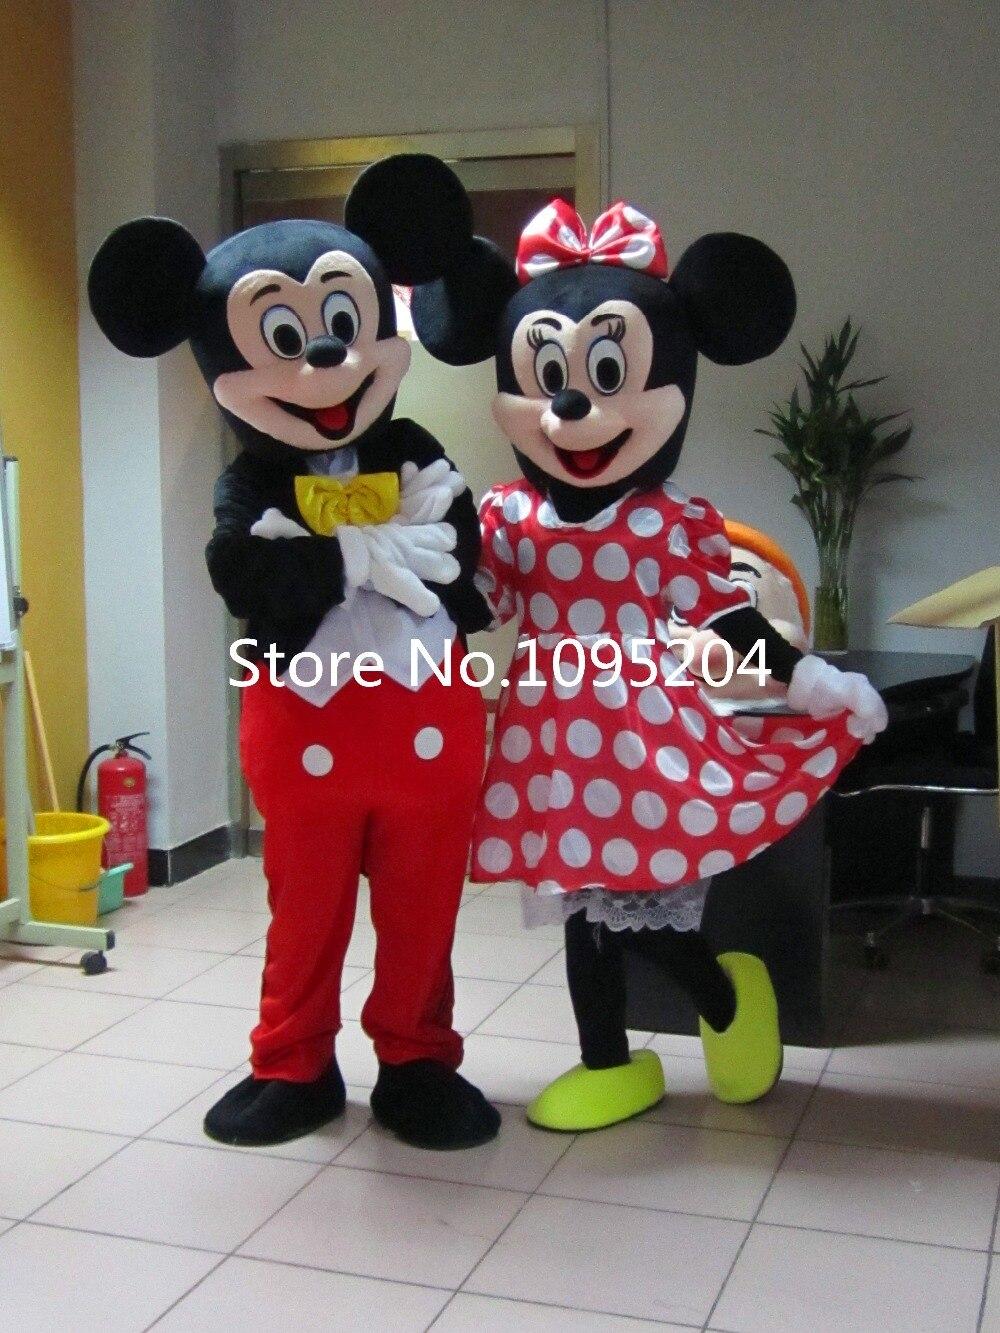 BING RUI CO costume de mascotte Minnie de haute qualité pour Halloween, fêtes d'anniversaire et autres fêtes à utiliser, expédition rapide